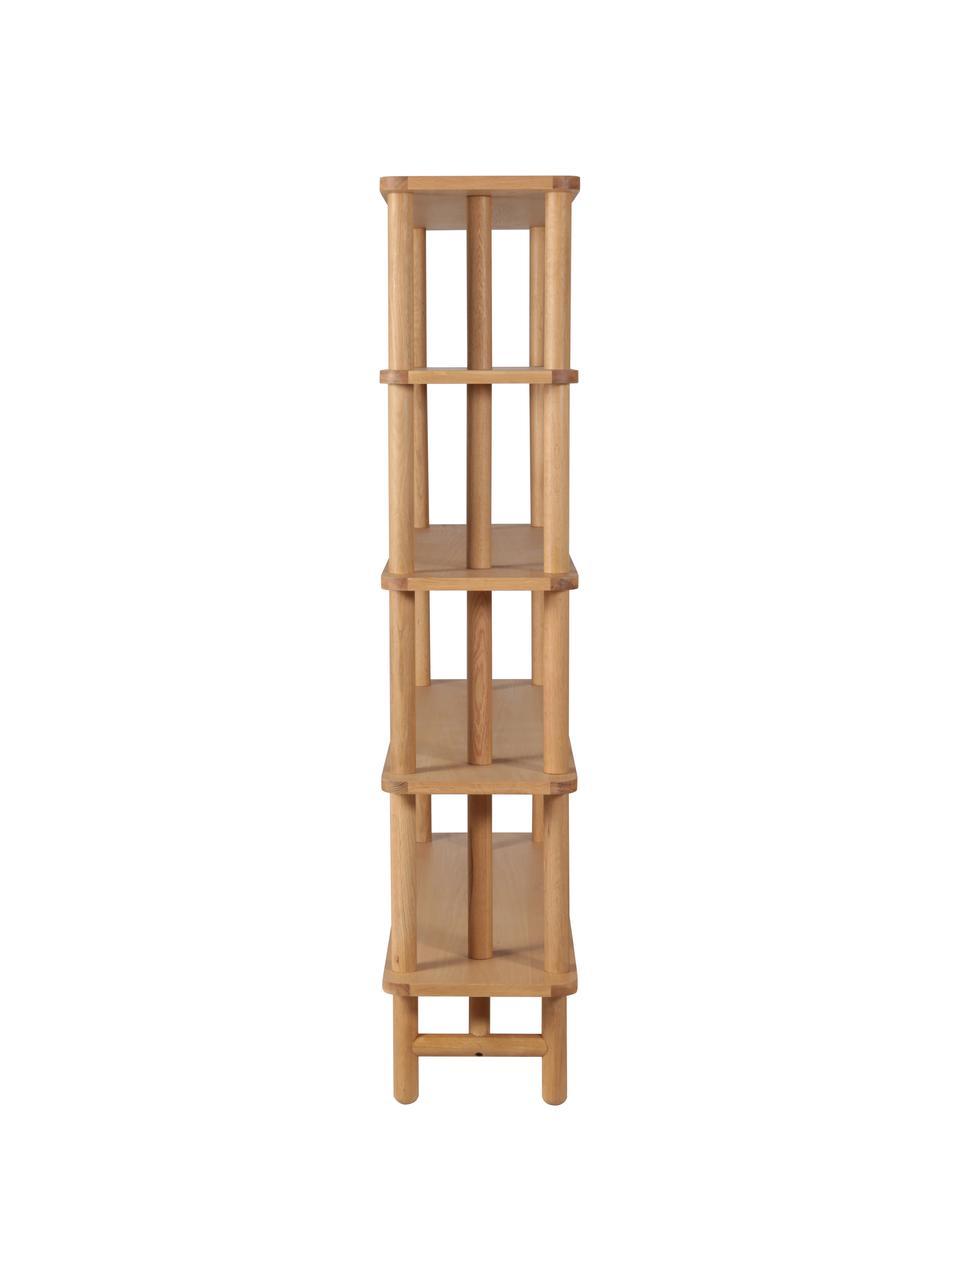 Eichenholz-Standregal Gost, Eichenholz, massiv, Mitteldichte Holzfaserplatte (MDF), Beige, 140 x 180 cm